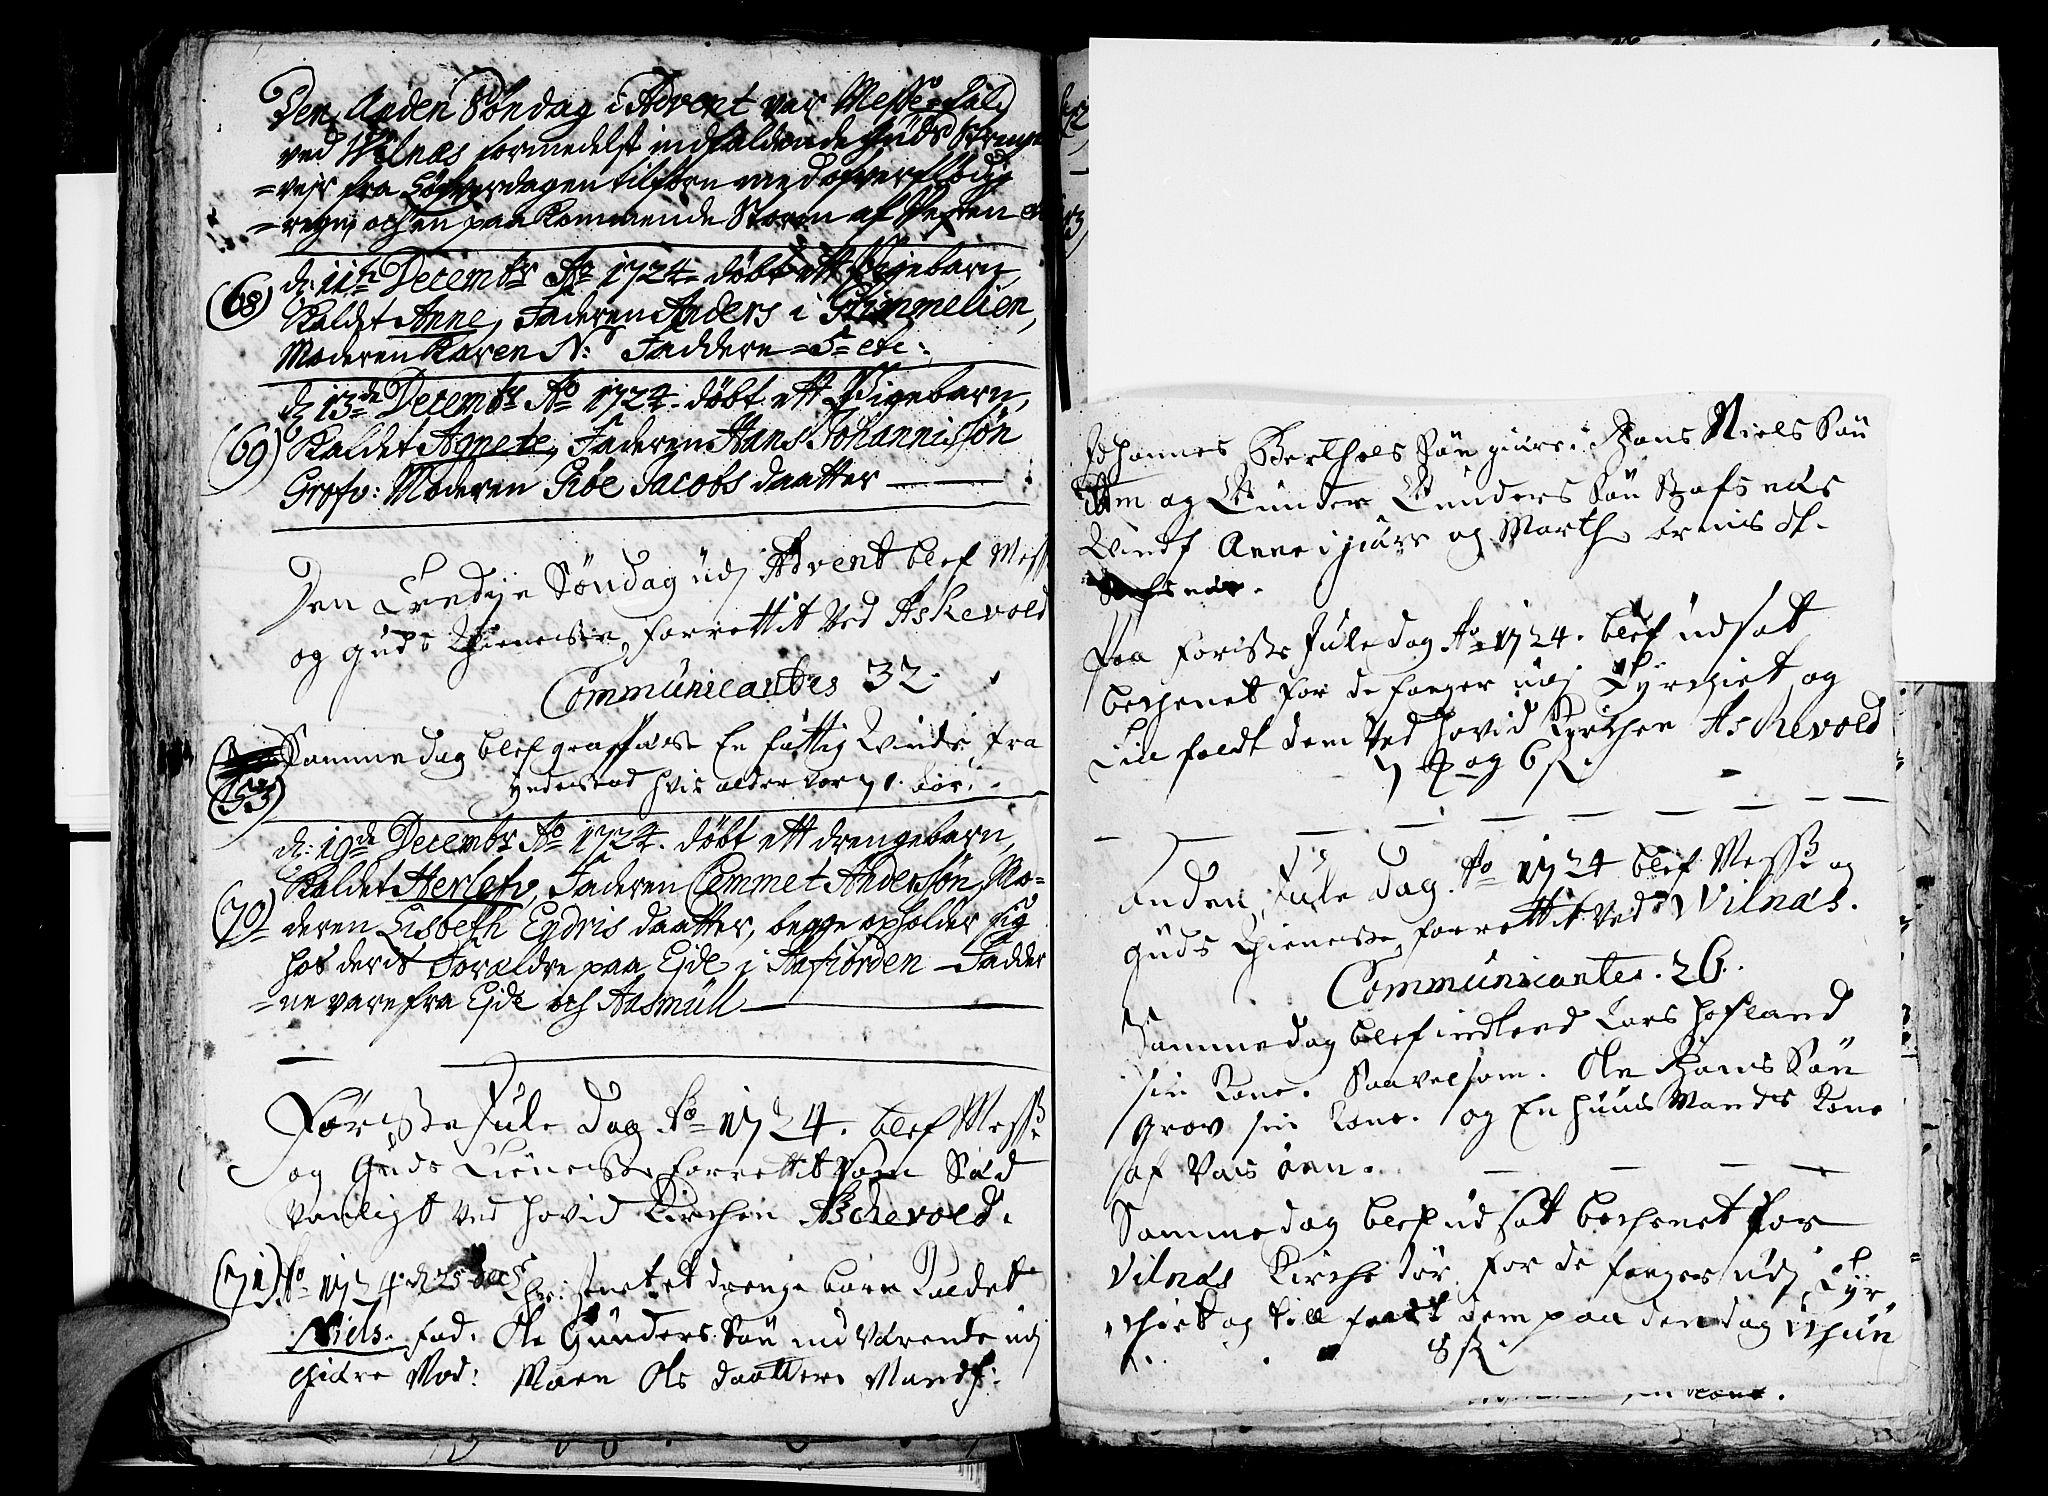 SAB, Askvoll Sokneprestembete, Ministerialbok nr. A 5, 1722-1733, s. 86